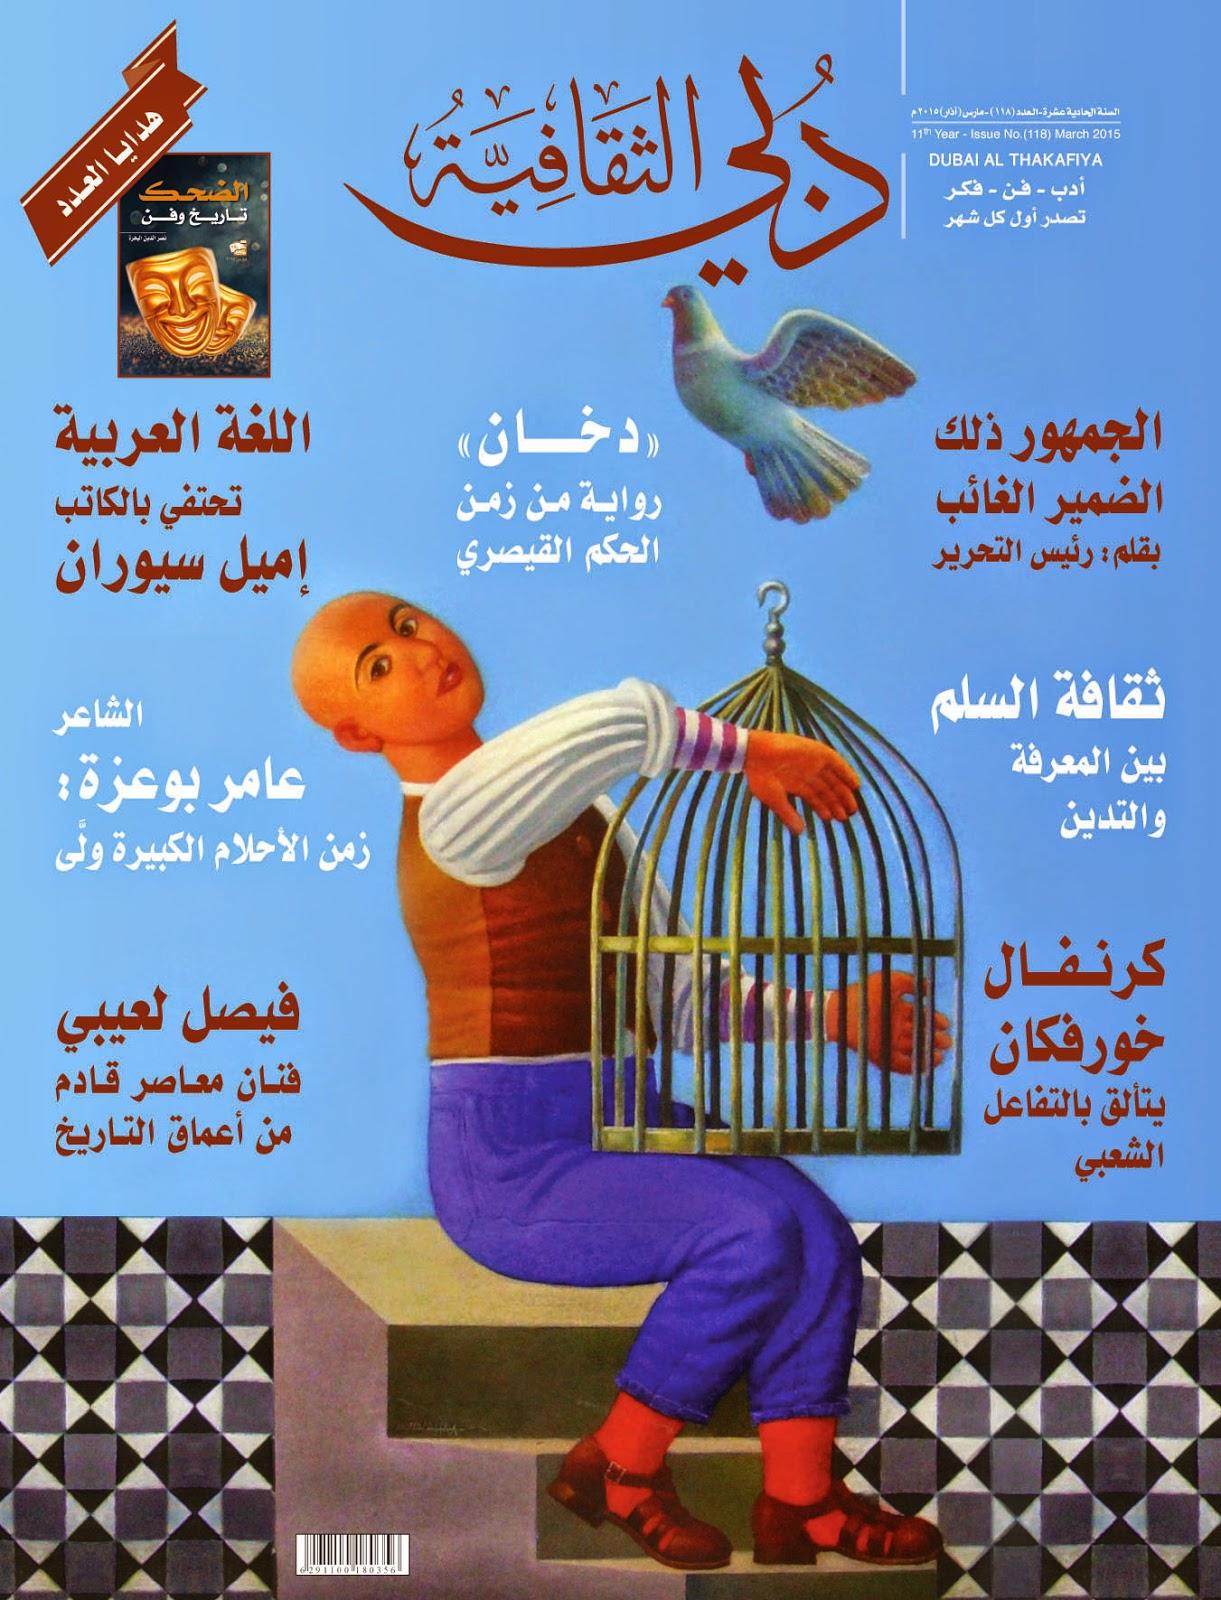 حوار مع الشاعر عامر بوعزة في مجلة دبي الثقافية